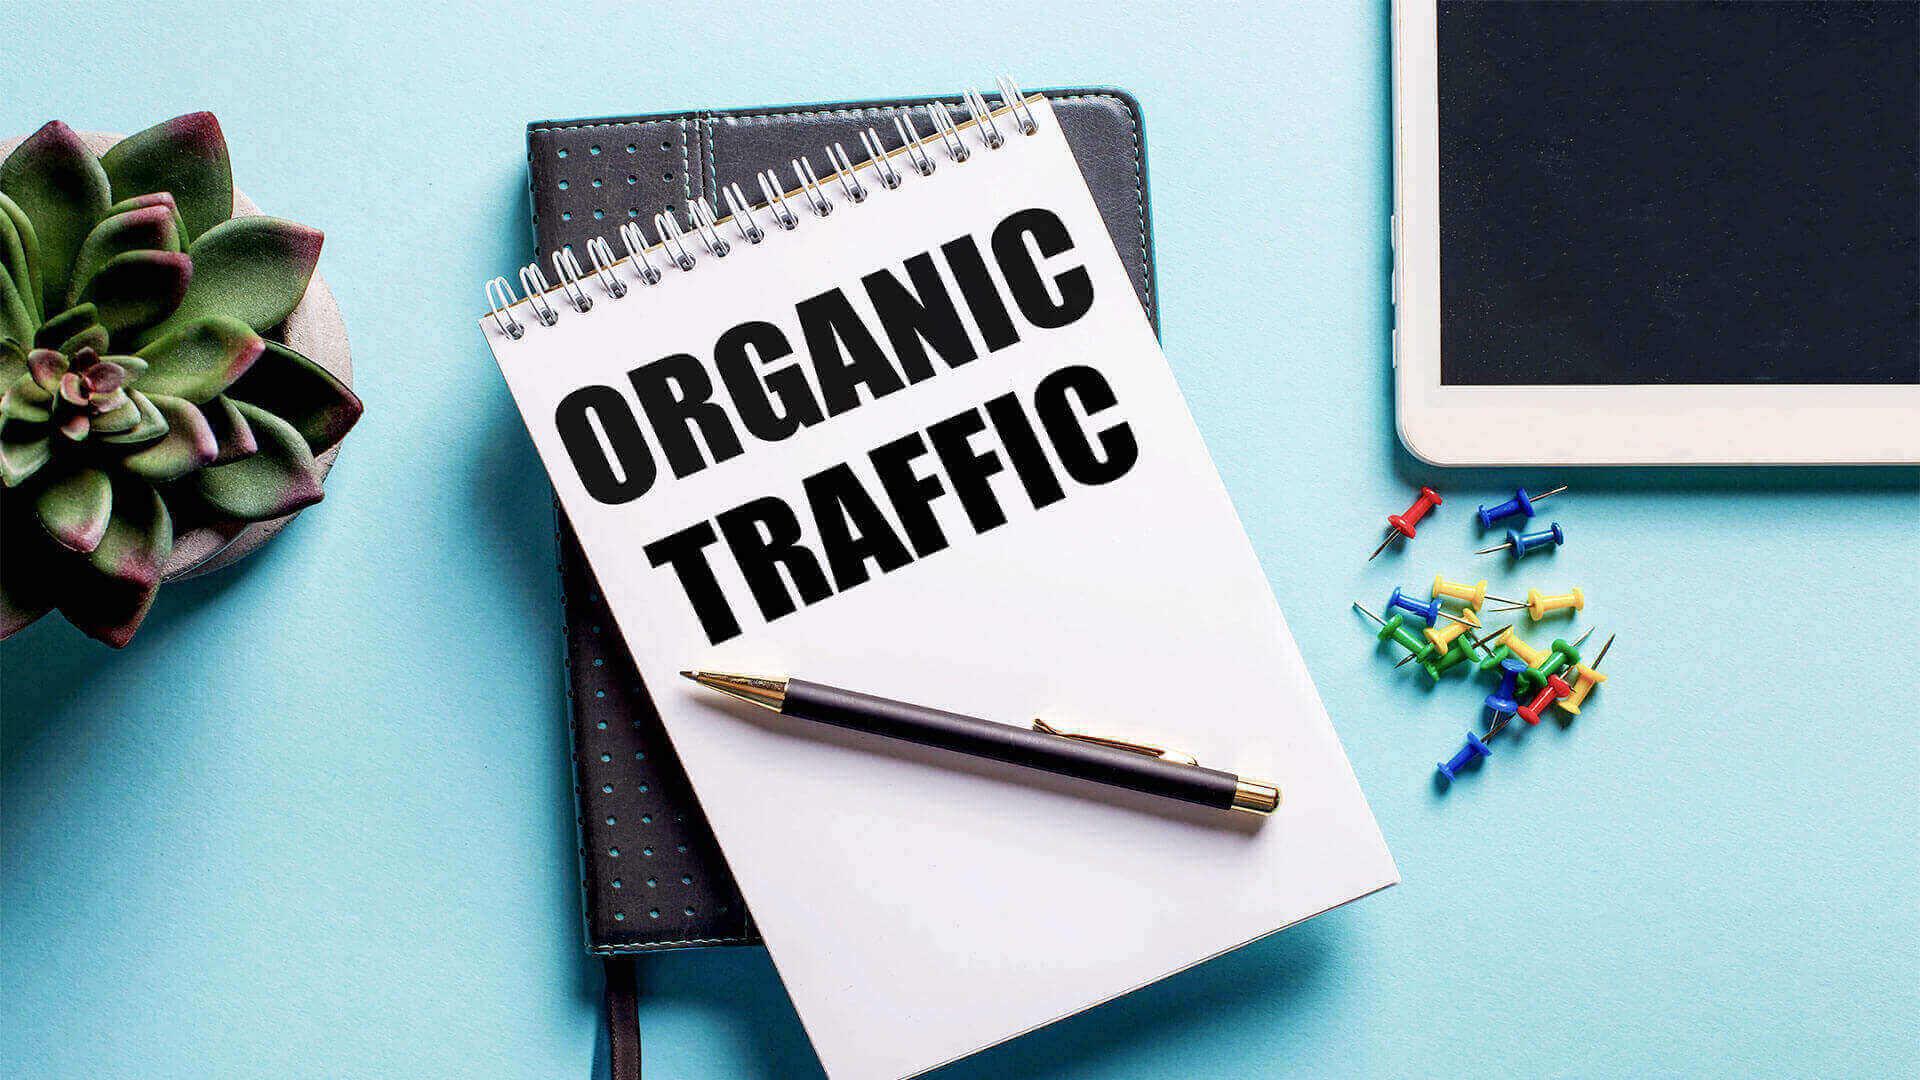 ¿Cómo aumentar su tráfico orgánico?